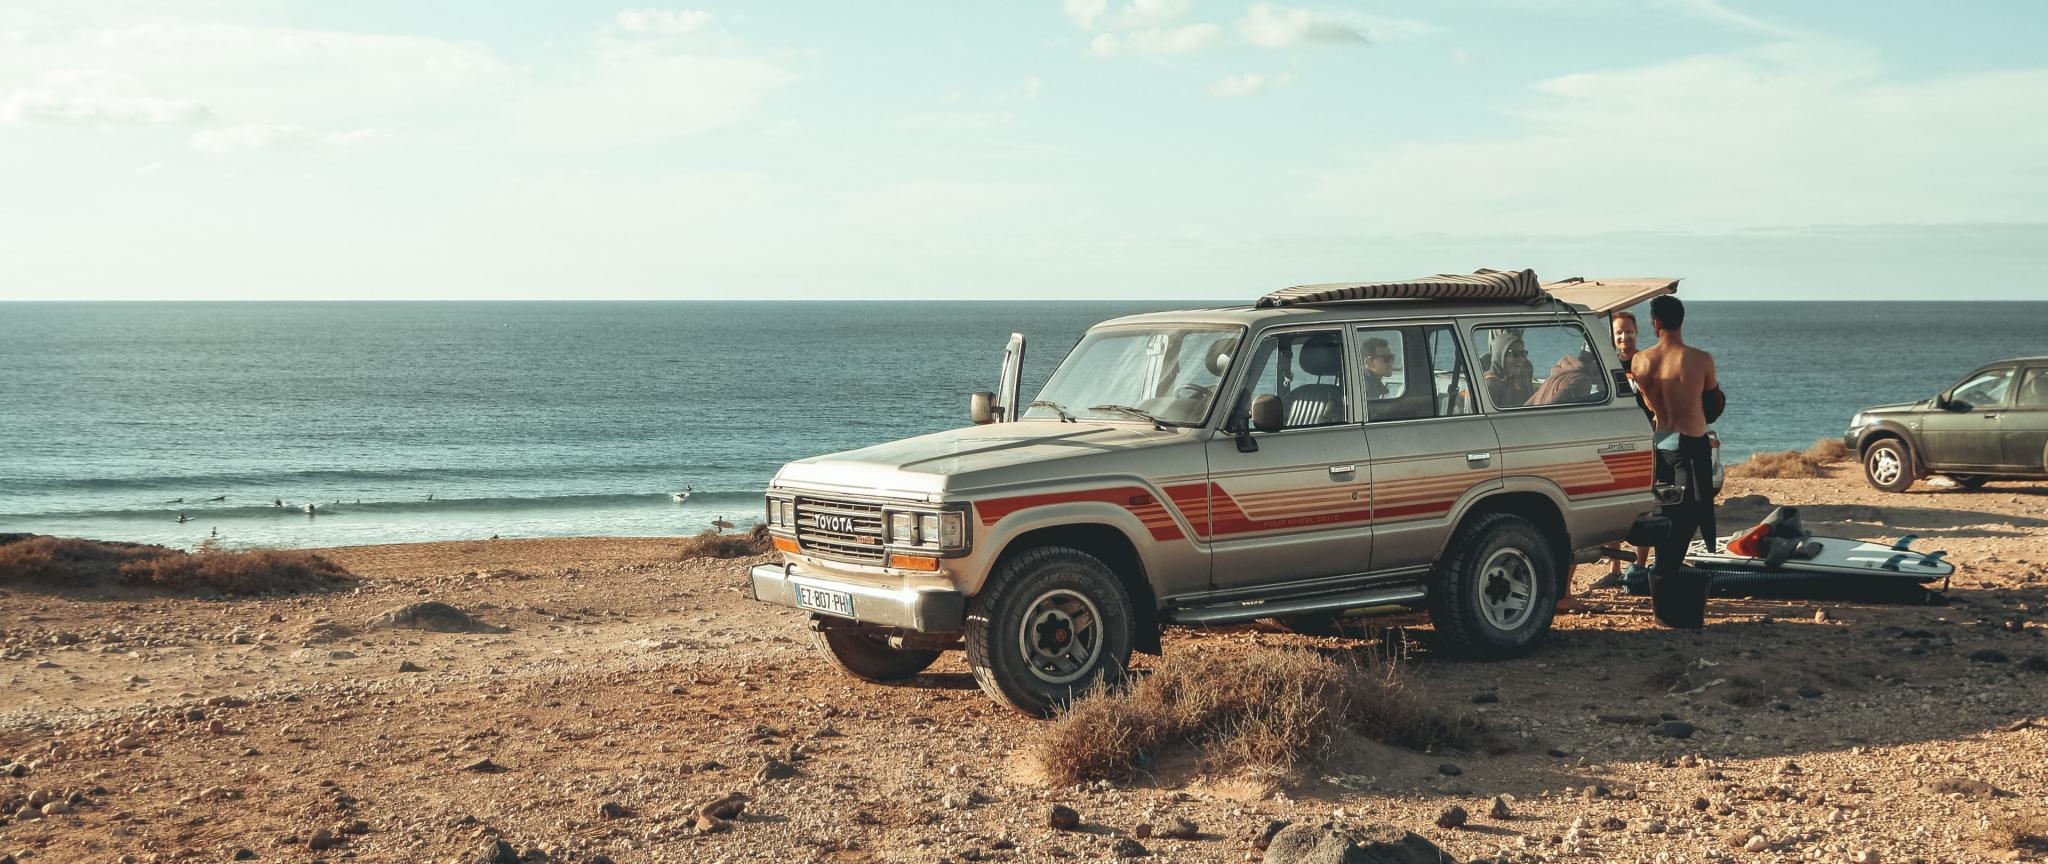 Sácate el teórico del coche en Marbella